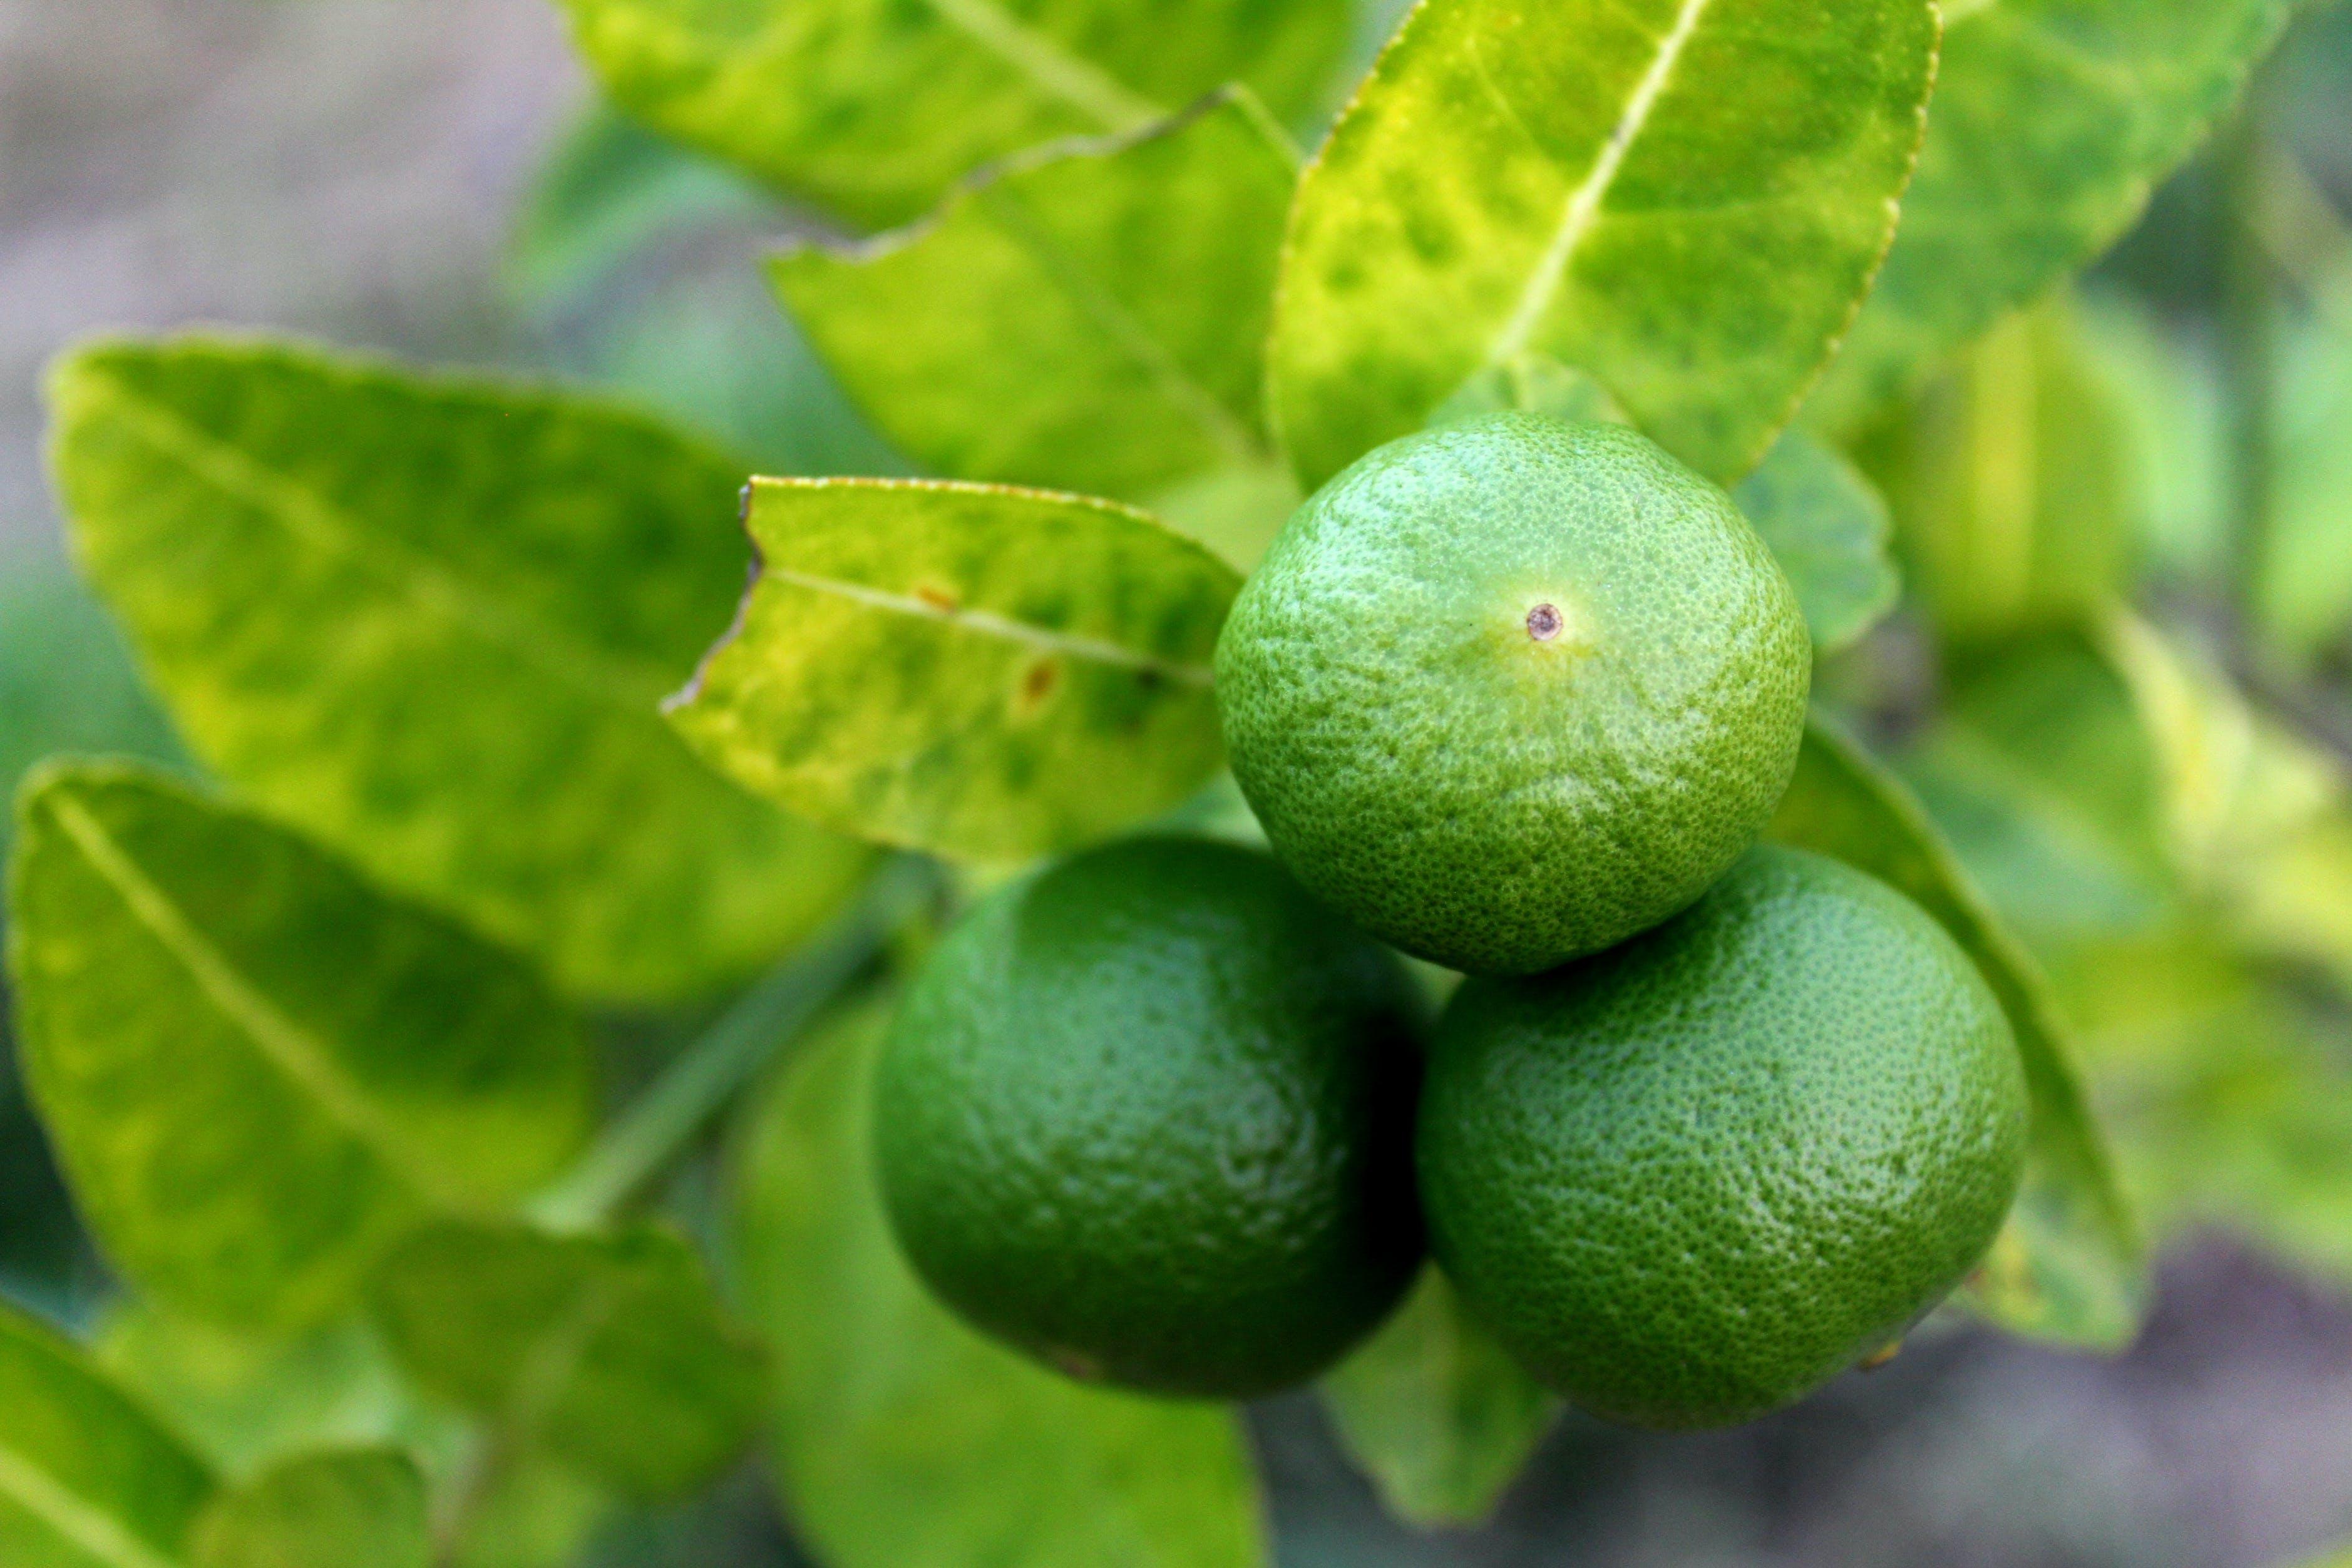 blur, citrus fruit, close-up